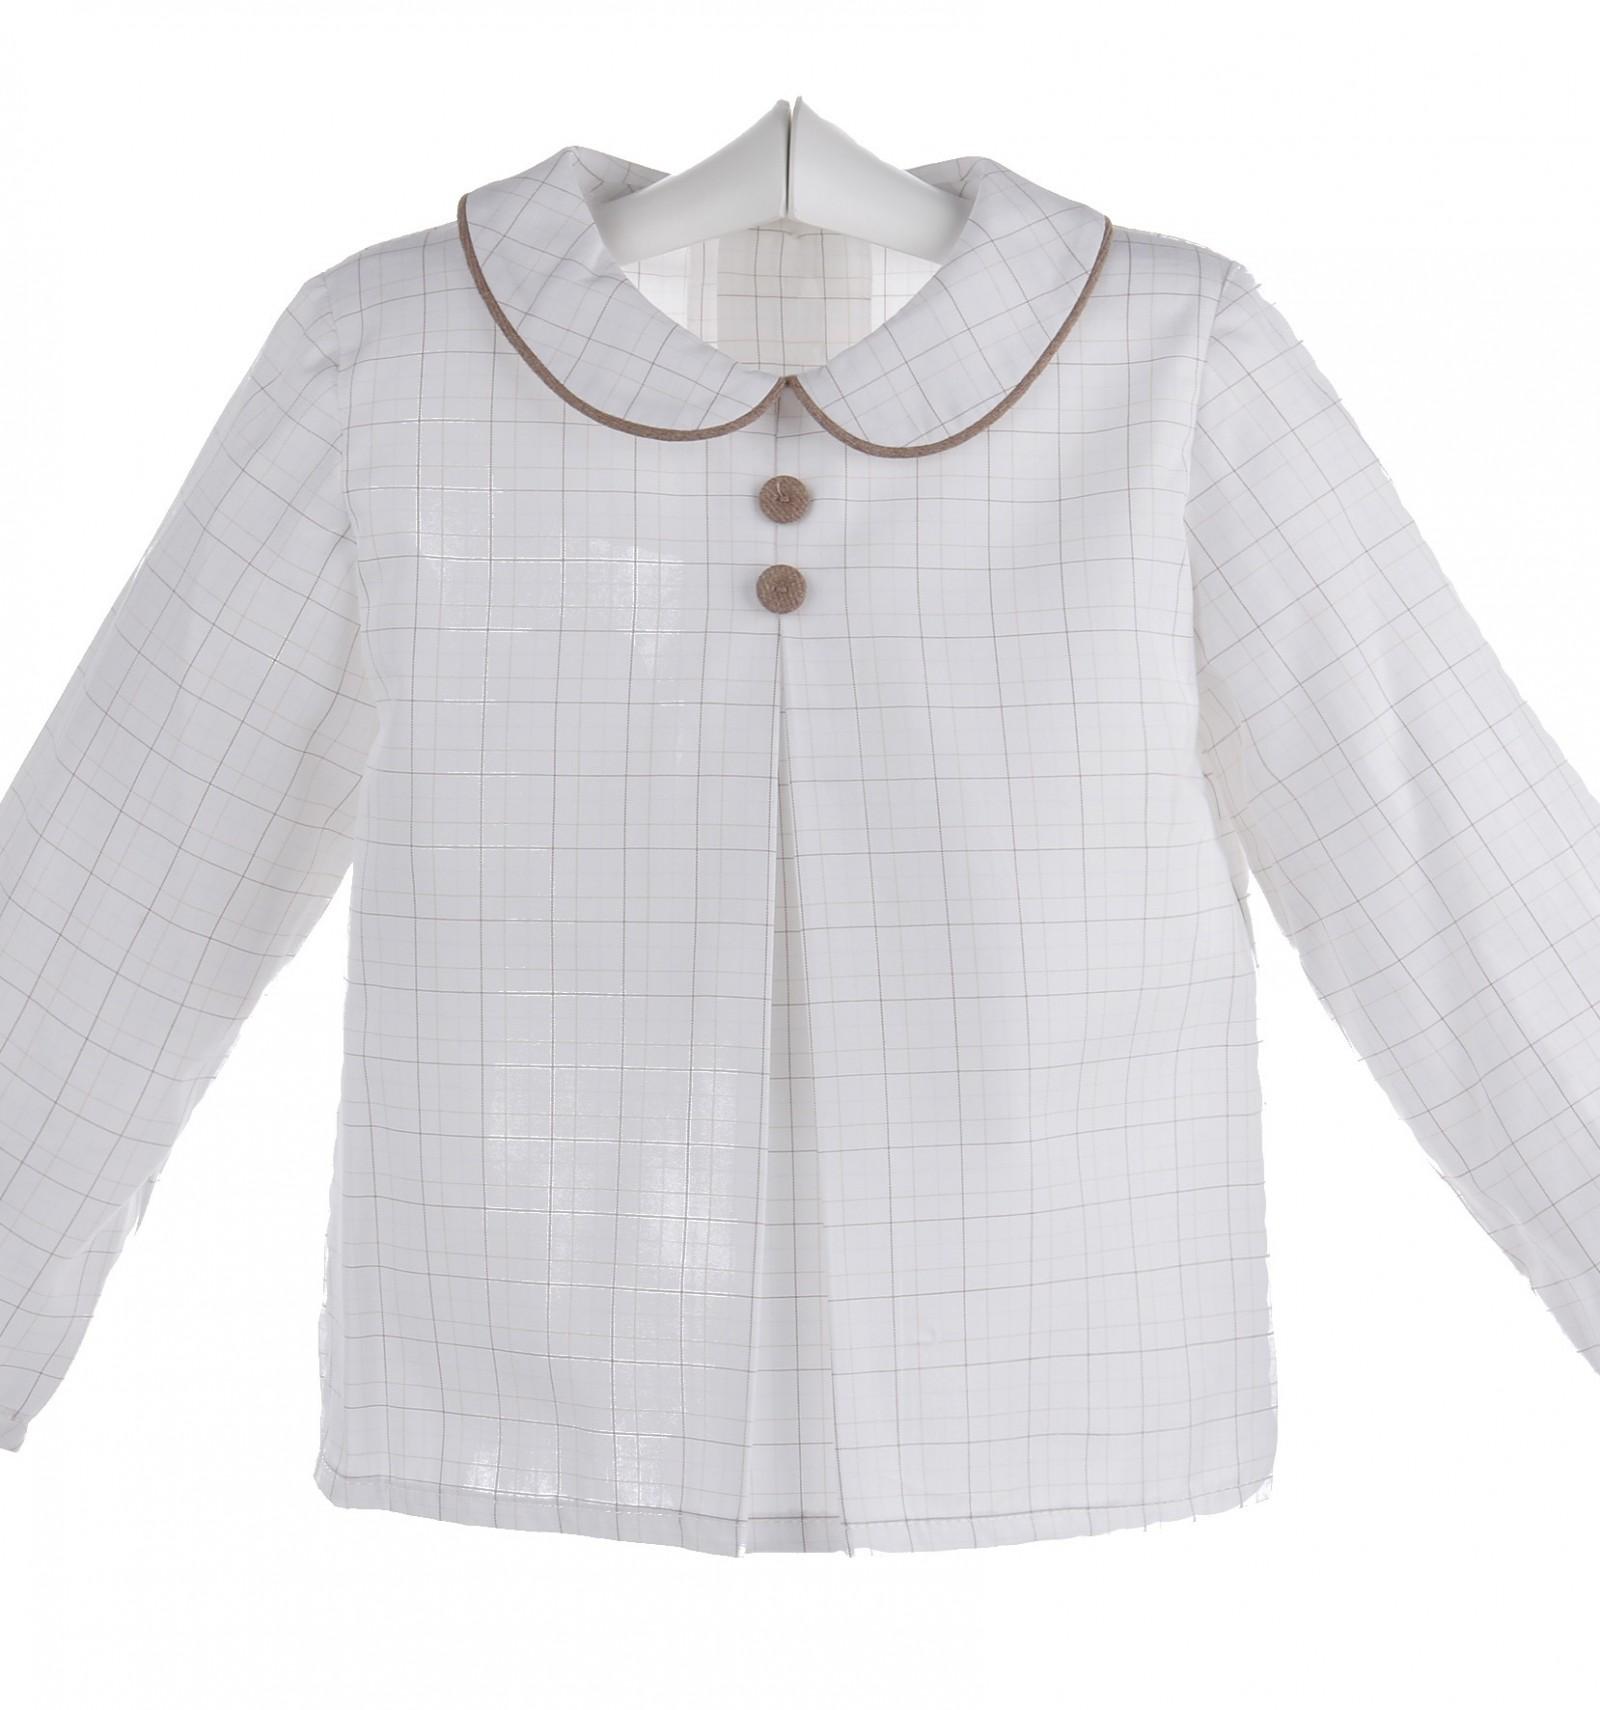 Camisa de bebé e infantil de cuadros marrones 79a7d019980